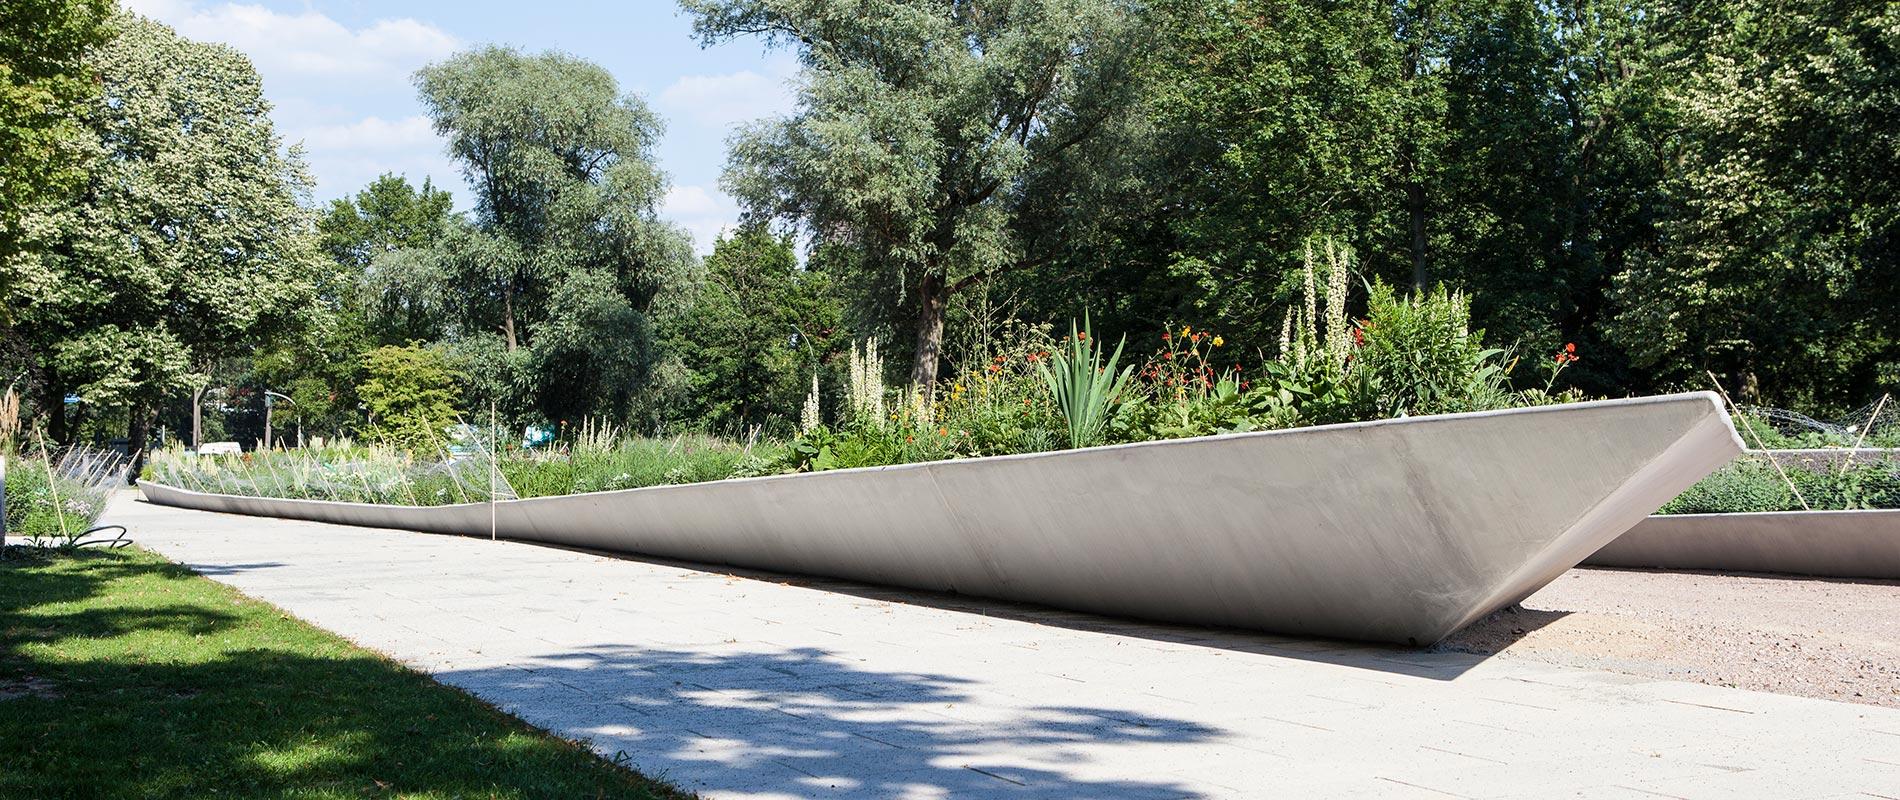 X-Move Kunst und Freizeitanlagen, künstlerisch gestalteter Beton